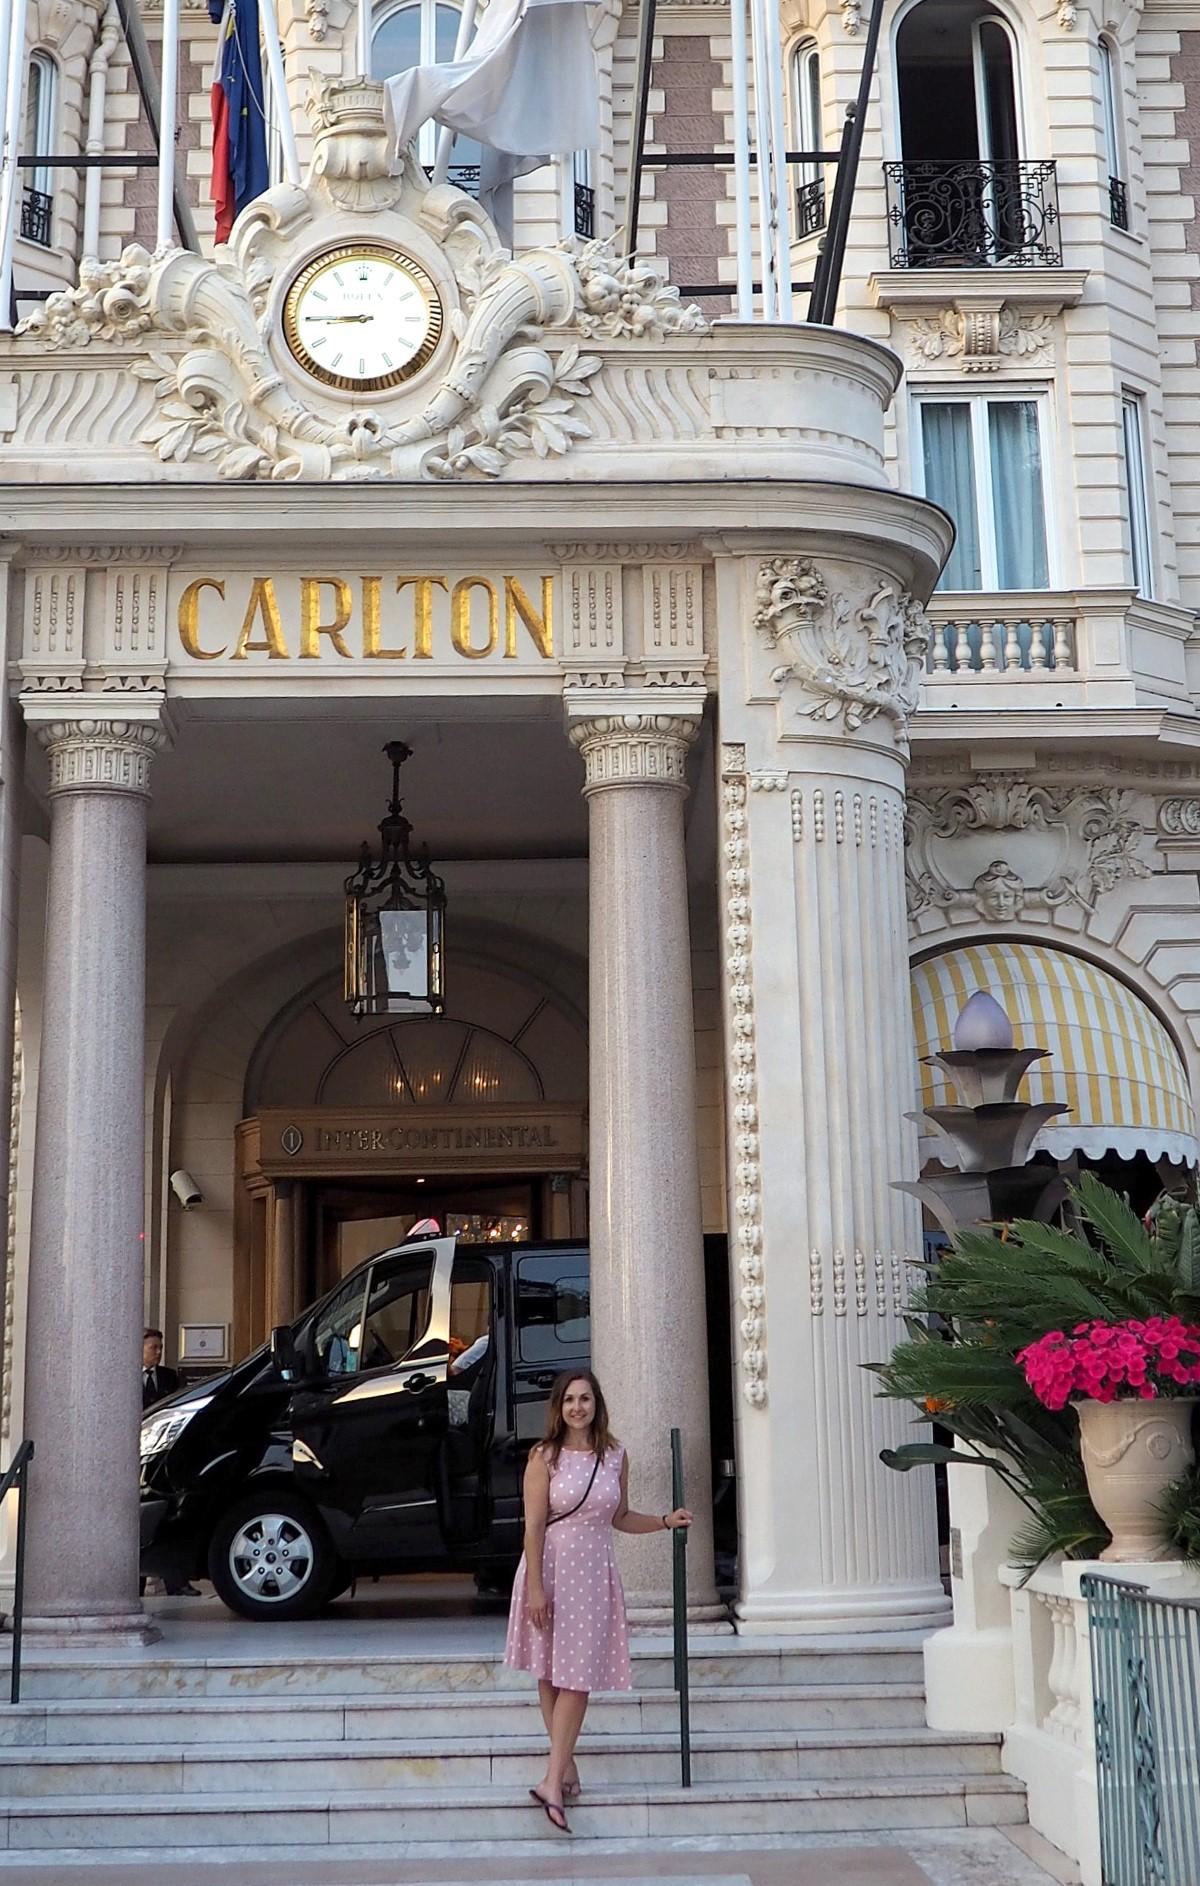 Carlton-Hotel-Cannes